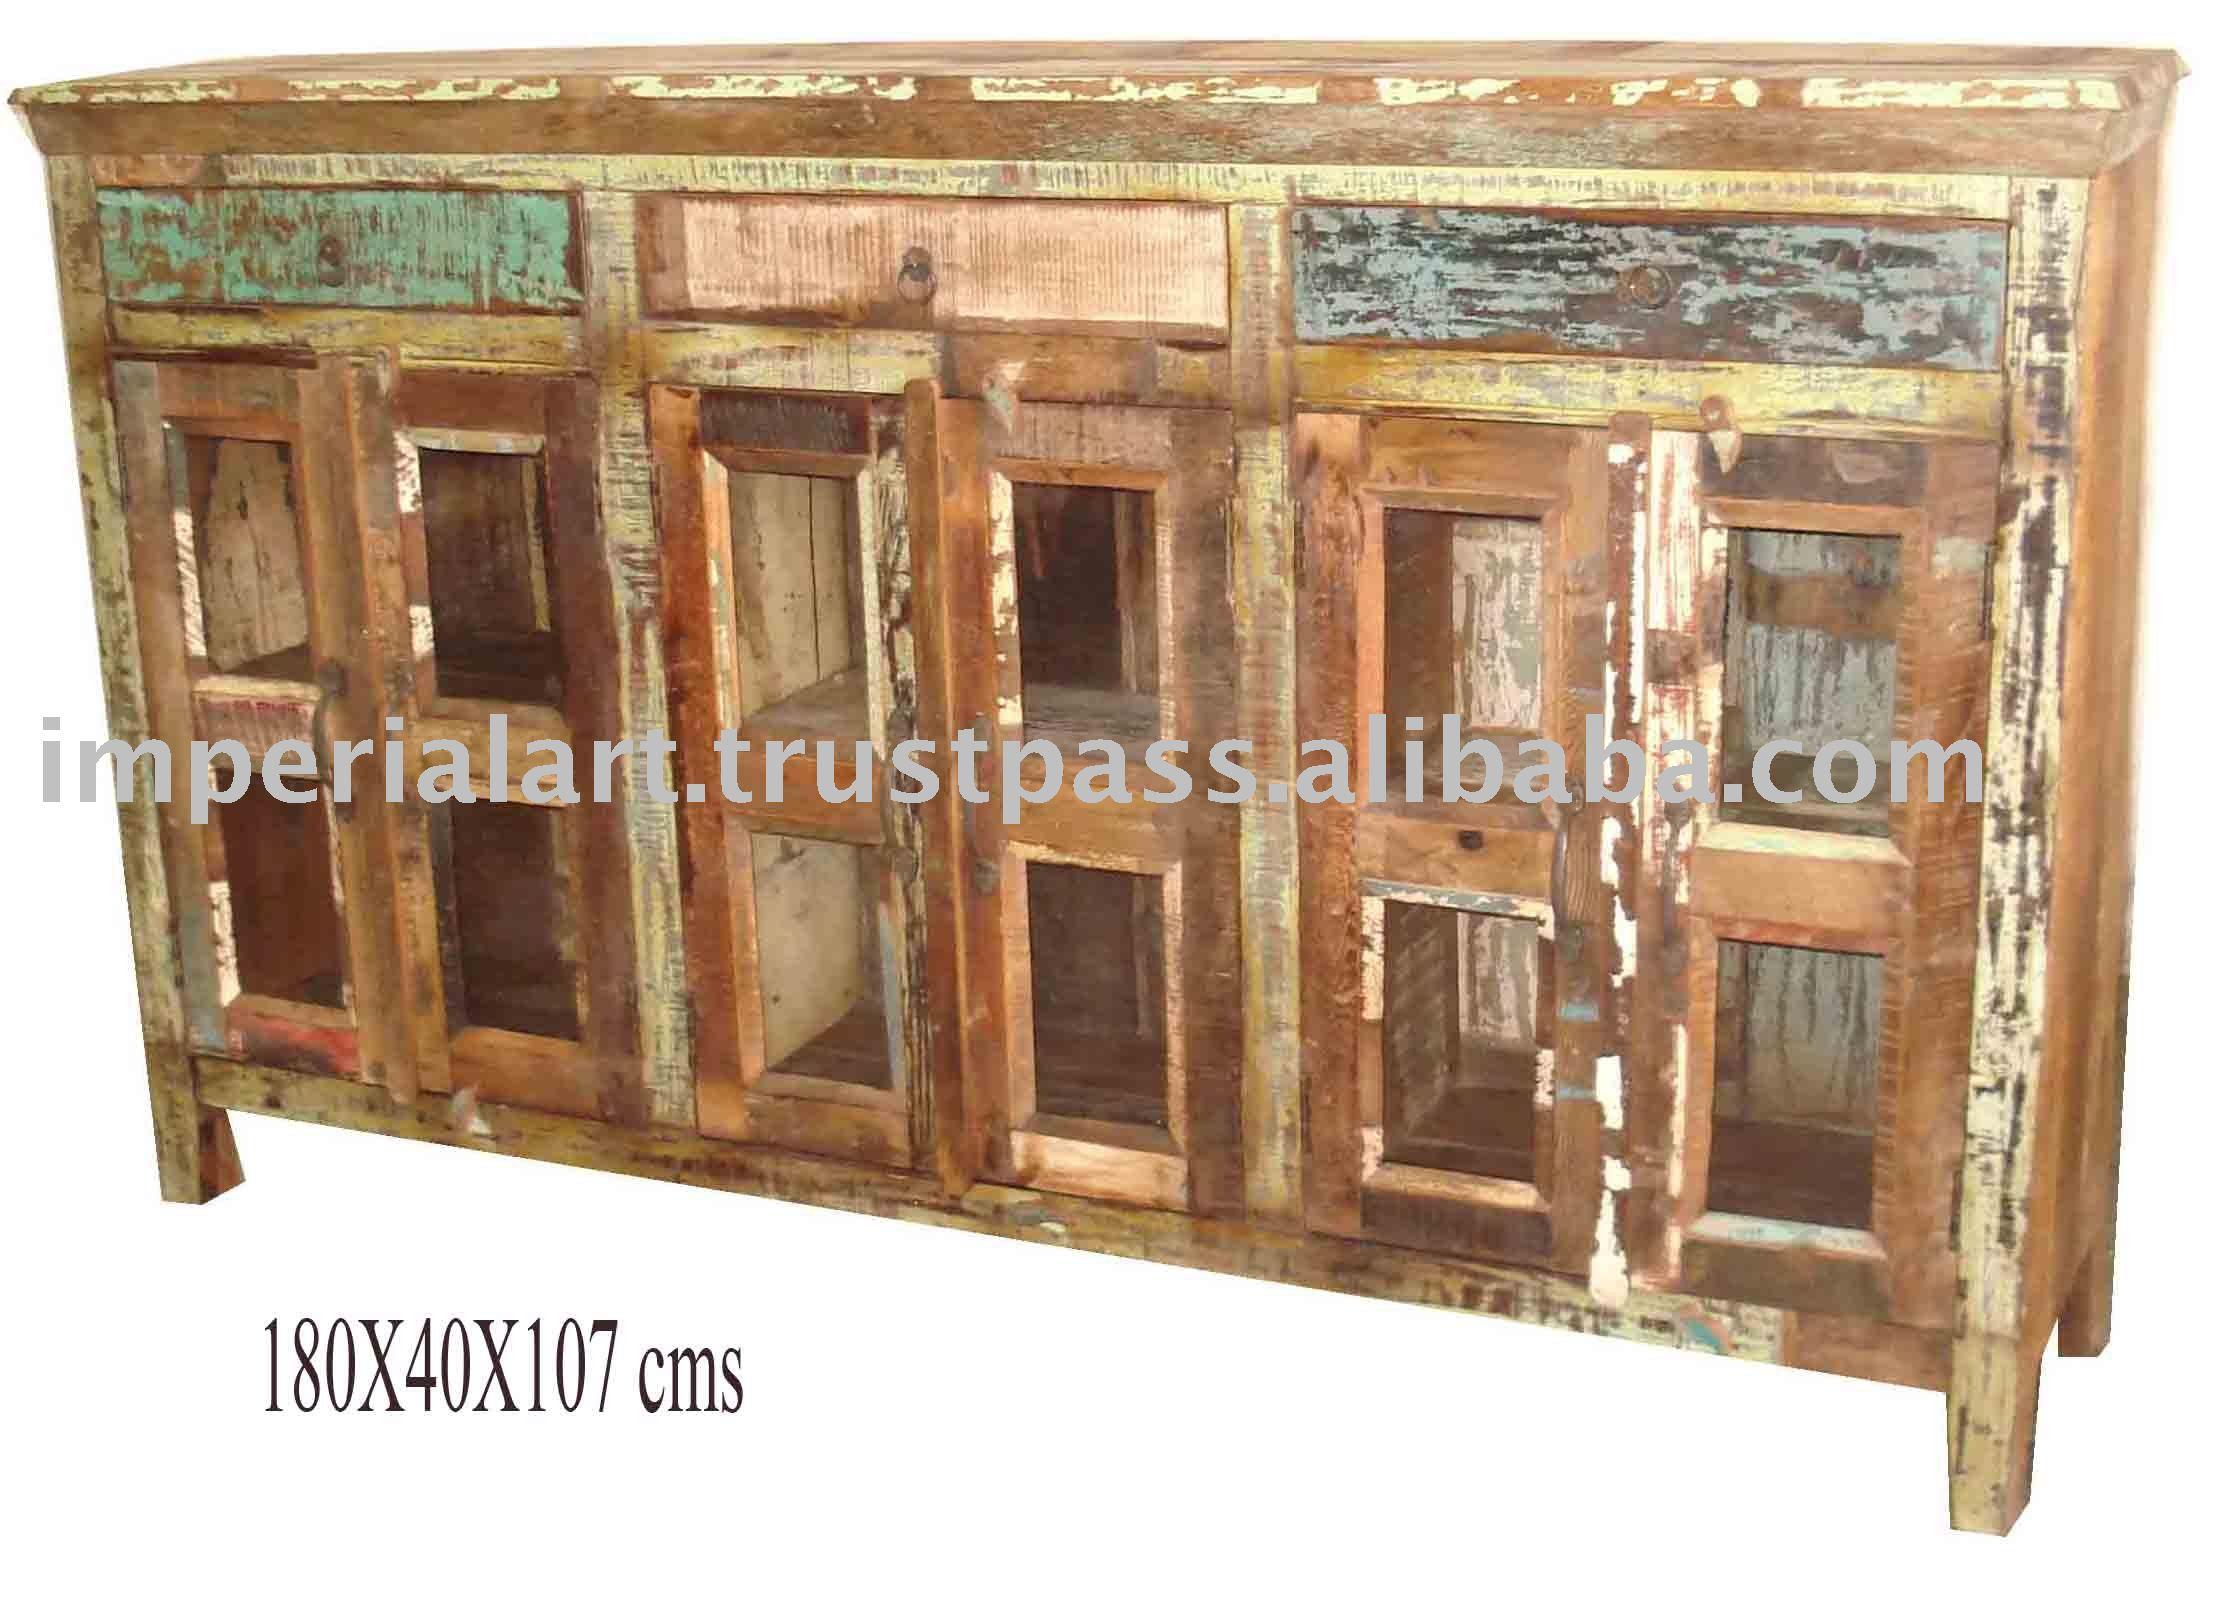 wooden sideboardreclaim wood sideboard  buy wooden sideboard  - wooden sideboardreclaim wood sideboard  buy wooden sideboardreclaim woodsideboardantique sideboard product on alibabacom